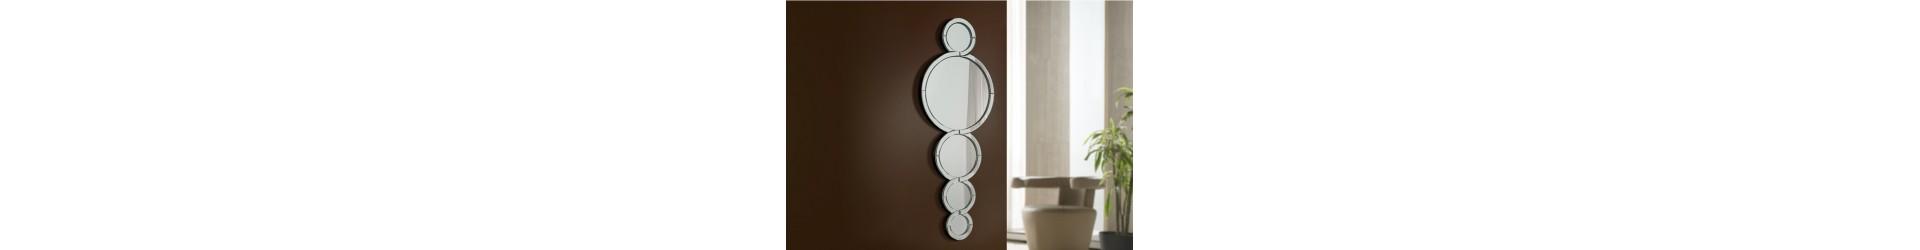 Espejos Modernos Al Mejor Precio Cuorebello Cuorebello - Espejos-modernos